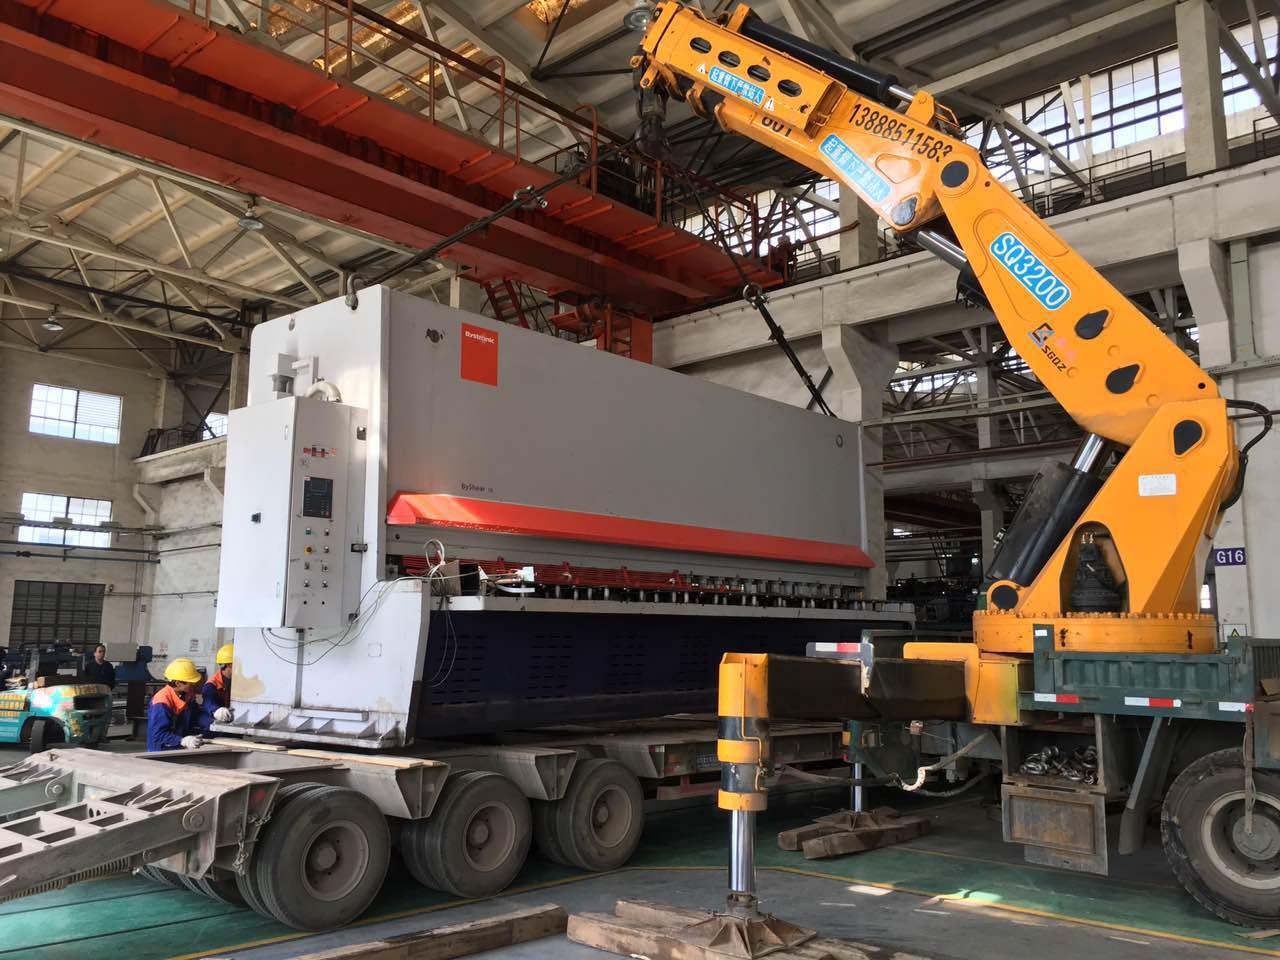 想要在大型机械吊装搬运行业立足必须满足哪些条件